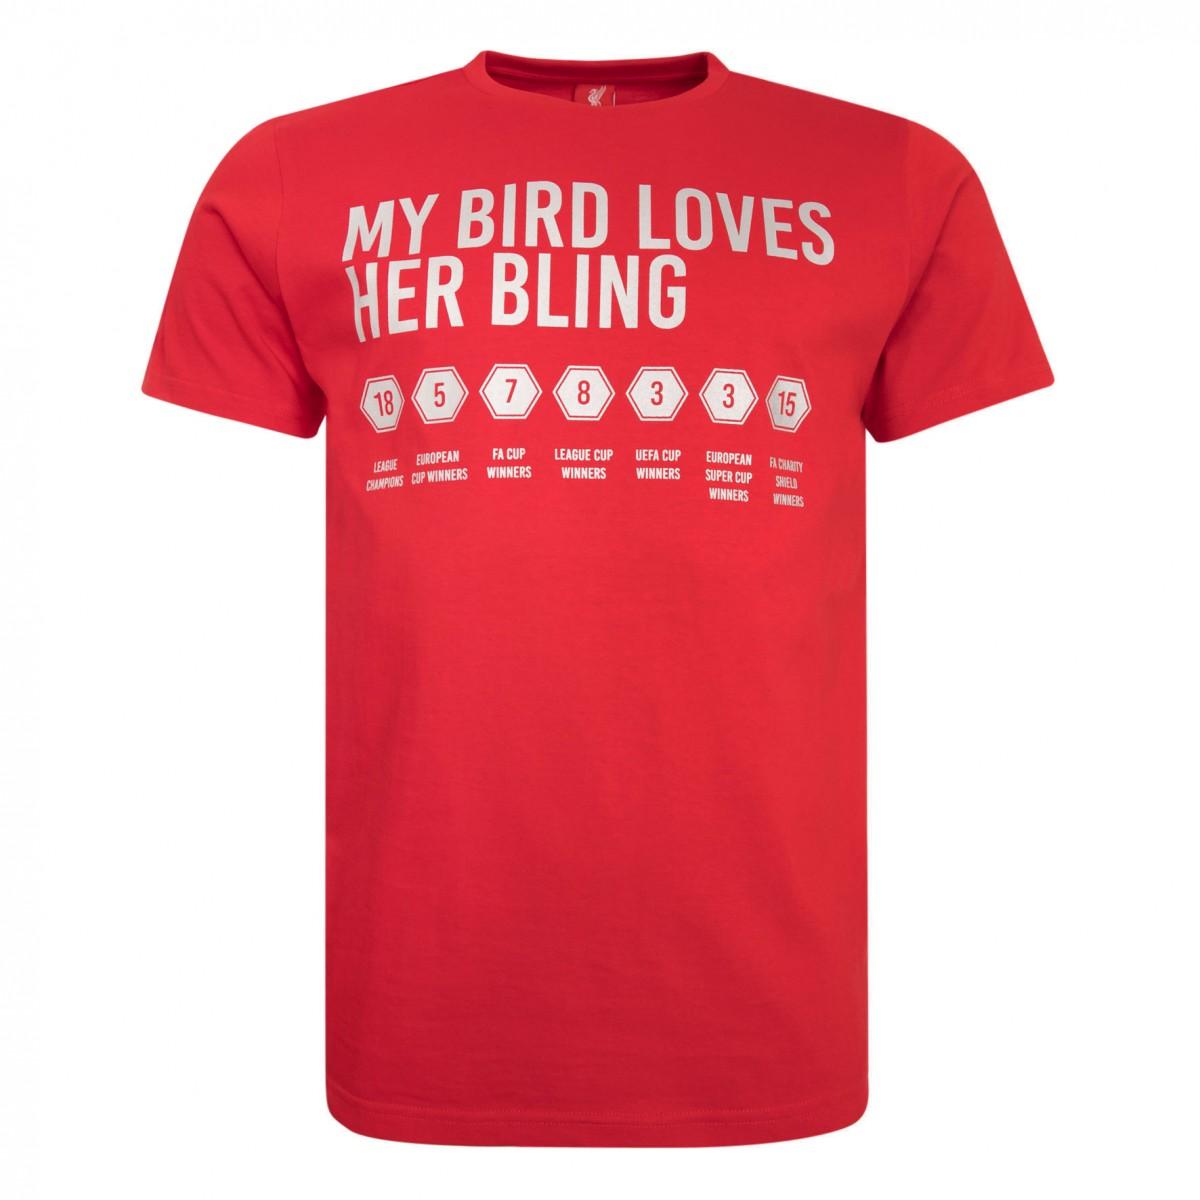 เสื้อทีเชิ้ตลิเวอร์พูล Mens Red Bird Bling Tee ของแท้